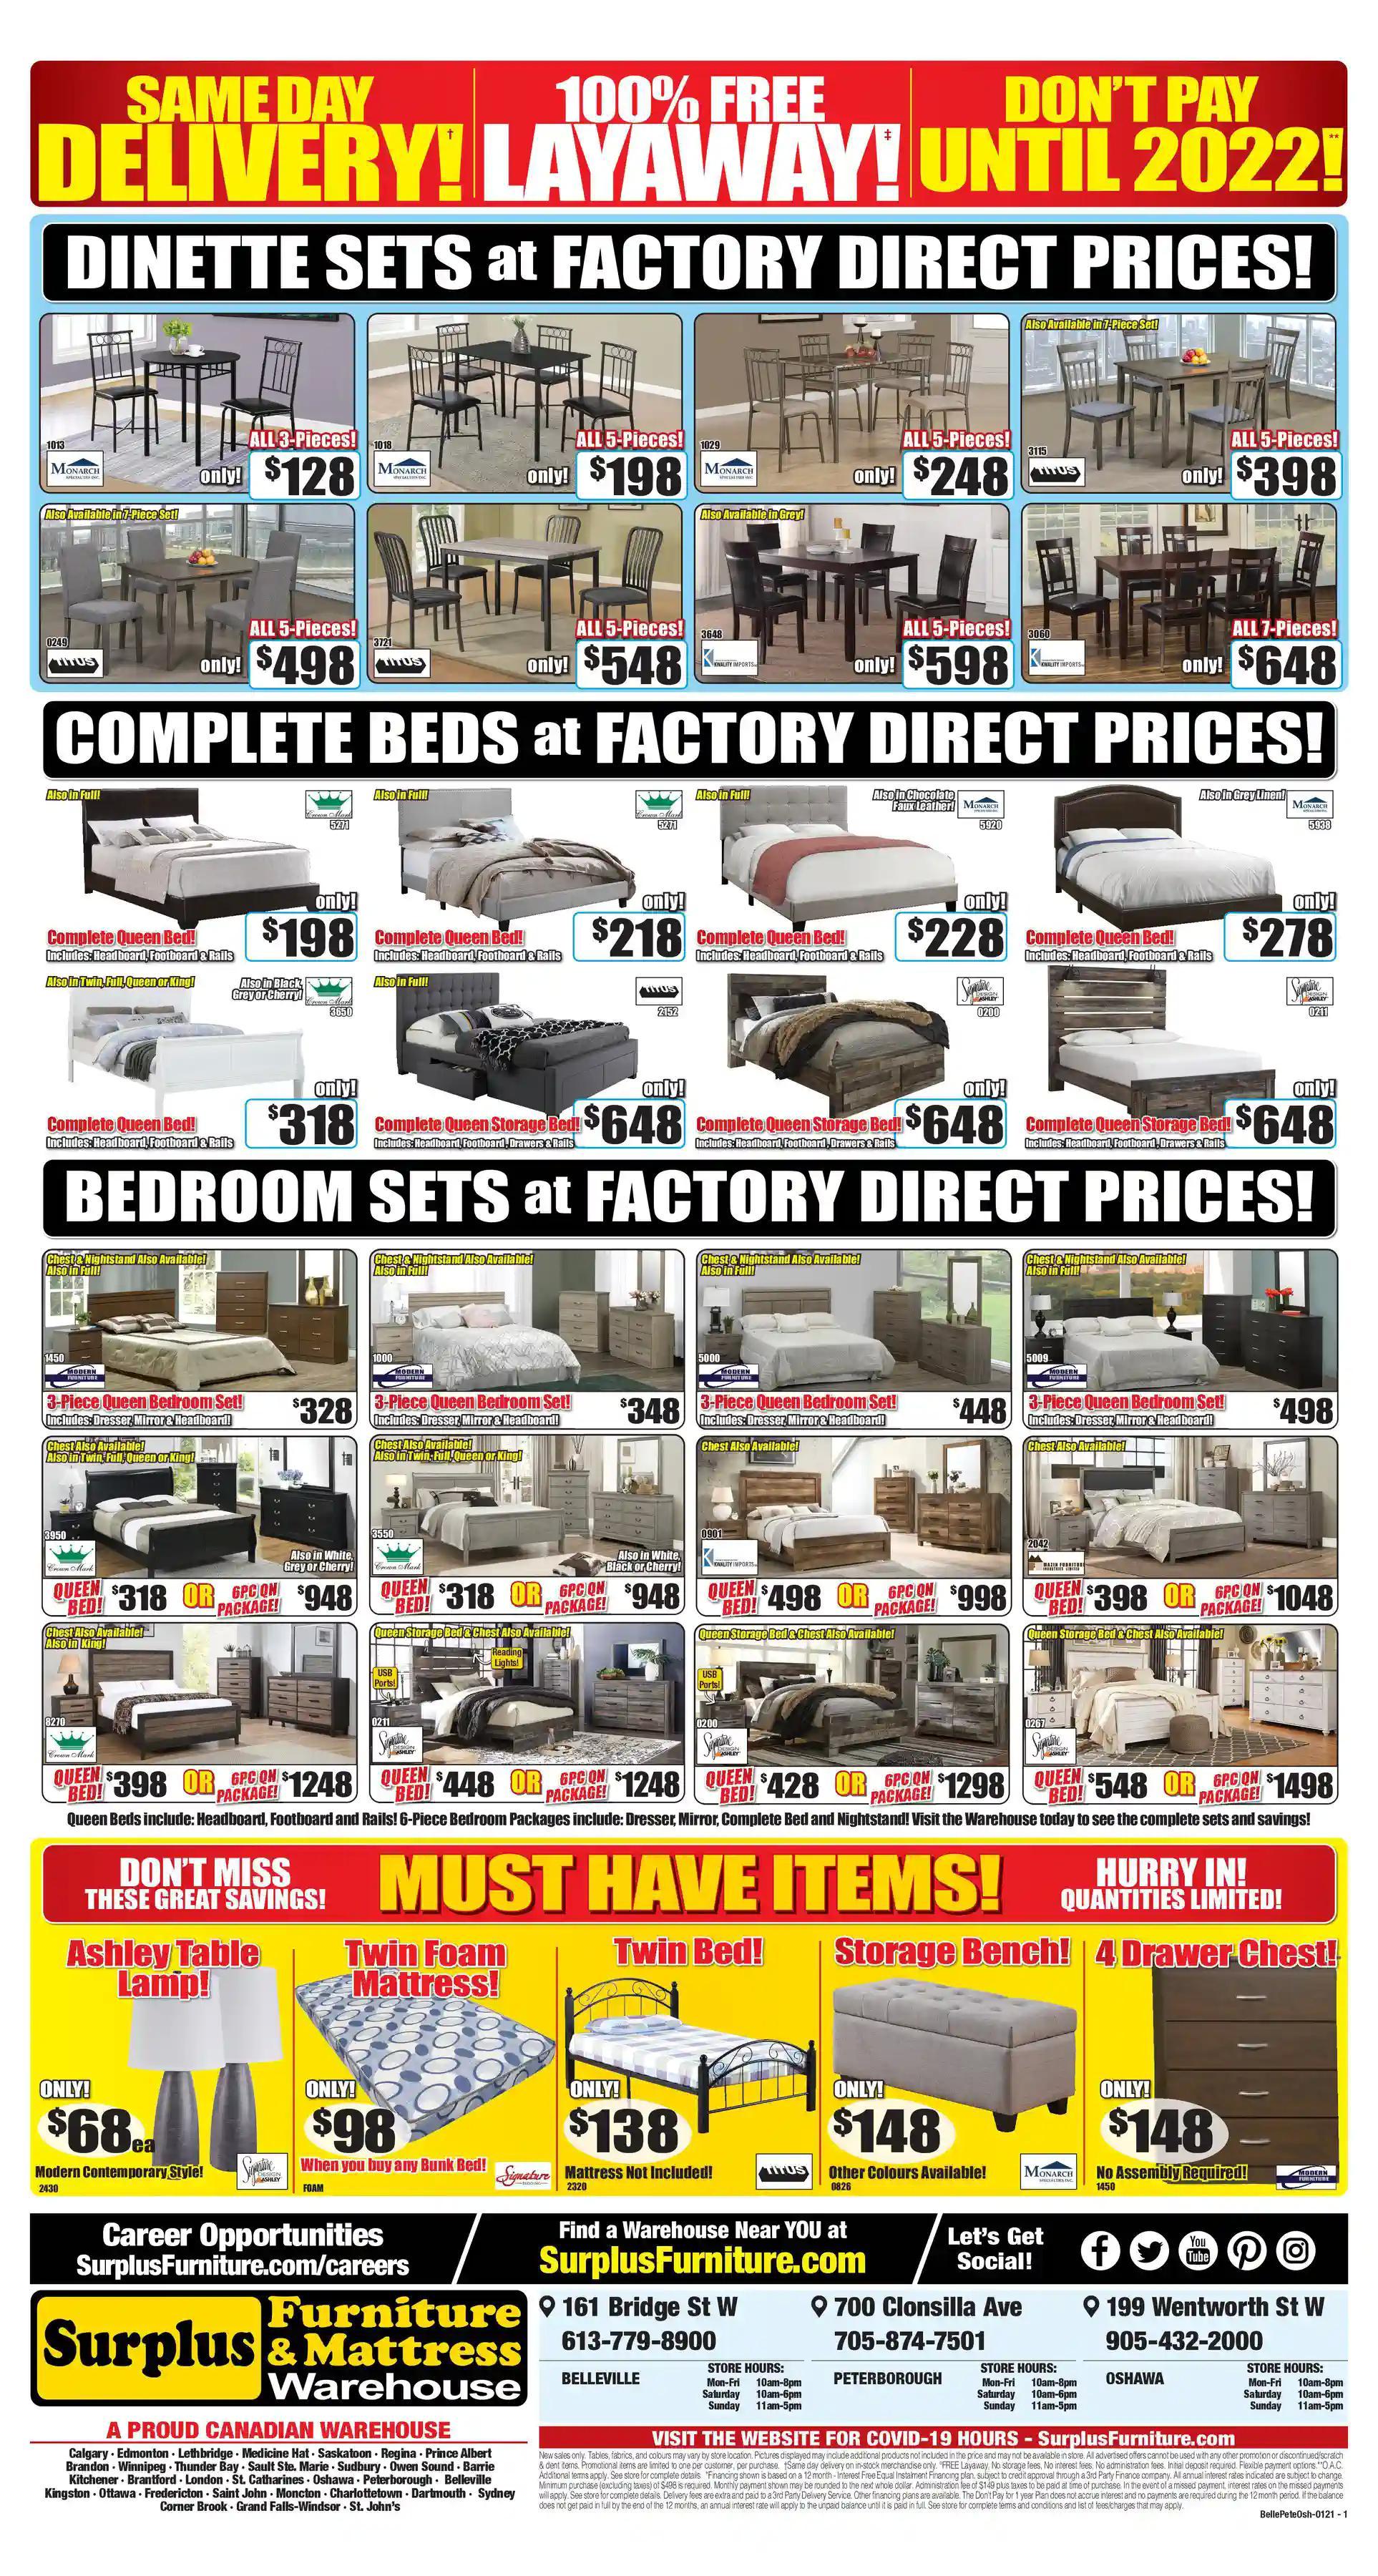 Surplus Furniture & Mattress Warehouse - 2 Weeks of Savings - Page 3